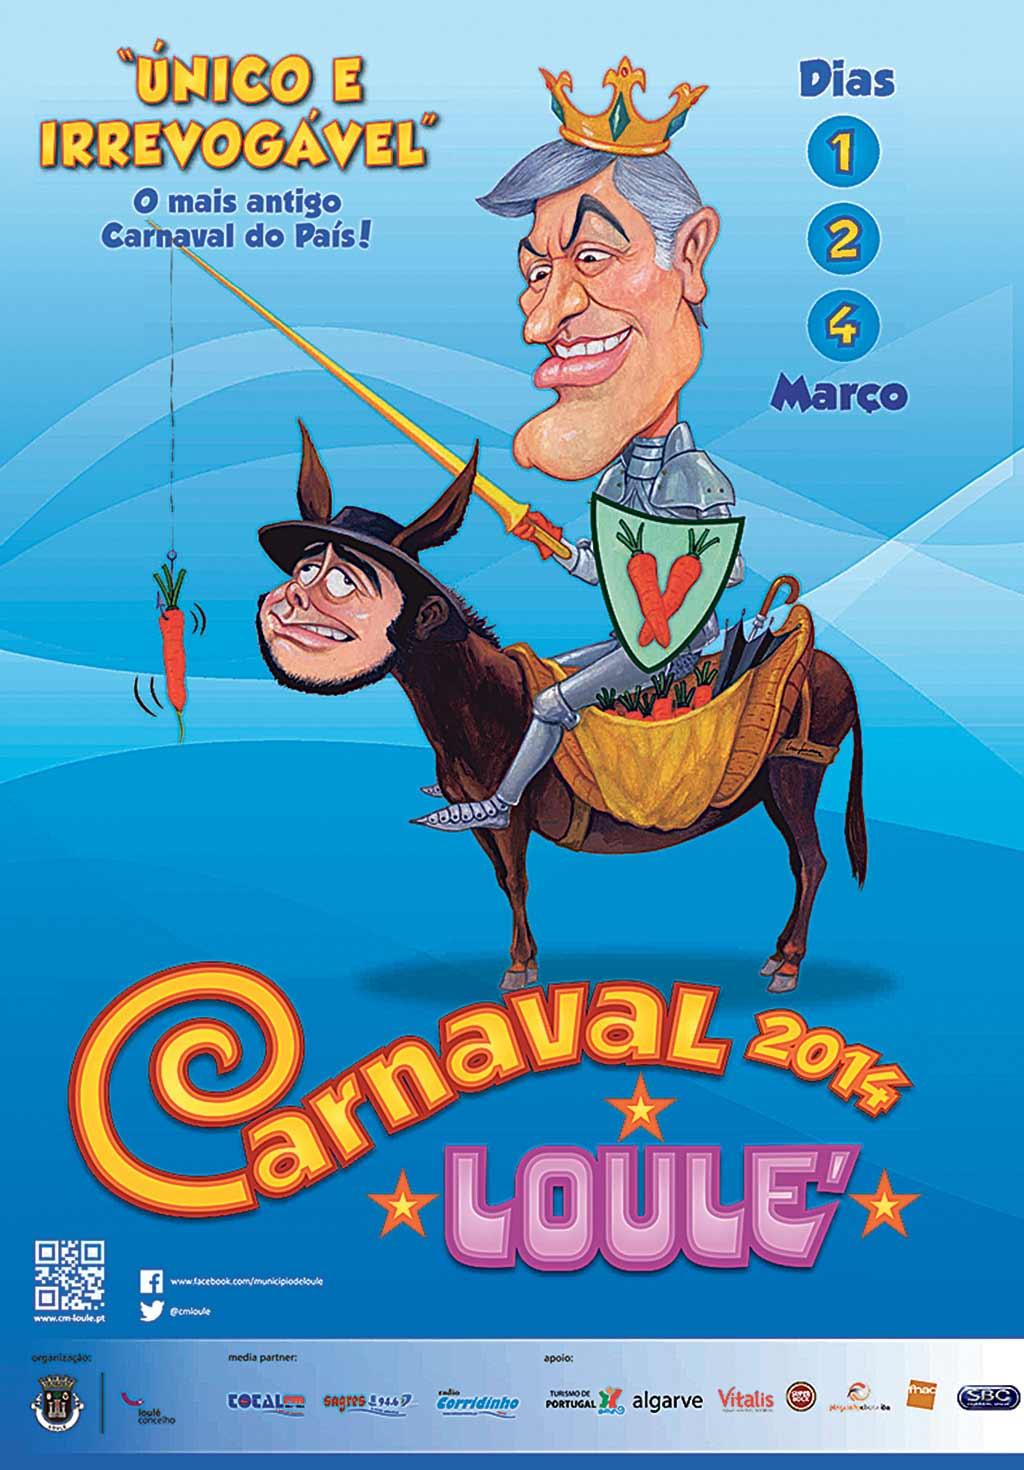 Cartaz do Carnaval de Loulé foi proibido de ser publicitado nos écrans das caixas multibanco. O que está em causa é uma caricatura